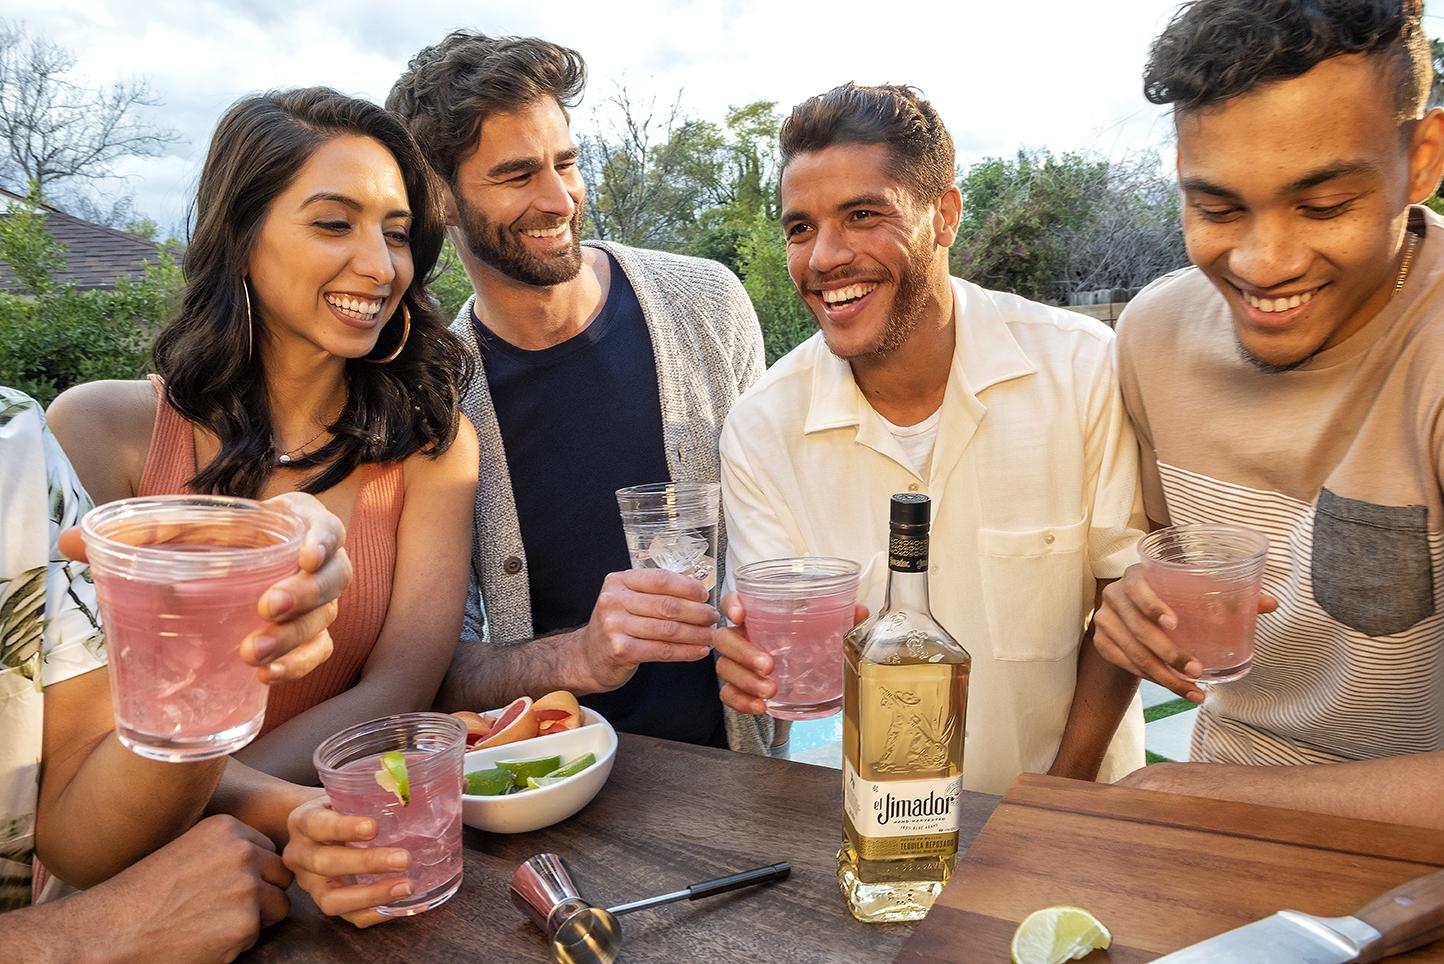 Tequila El Jimador - Brand ambassador: Jonathan dos SantosTarget: US Hispanic market 21+Content: 3 pictures + 2 videos (30')Distribution: Instagram - @jona2santosTimeline: June 18th, 2019 - July 11th, 2019